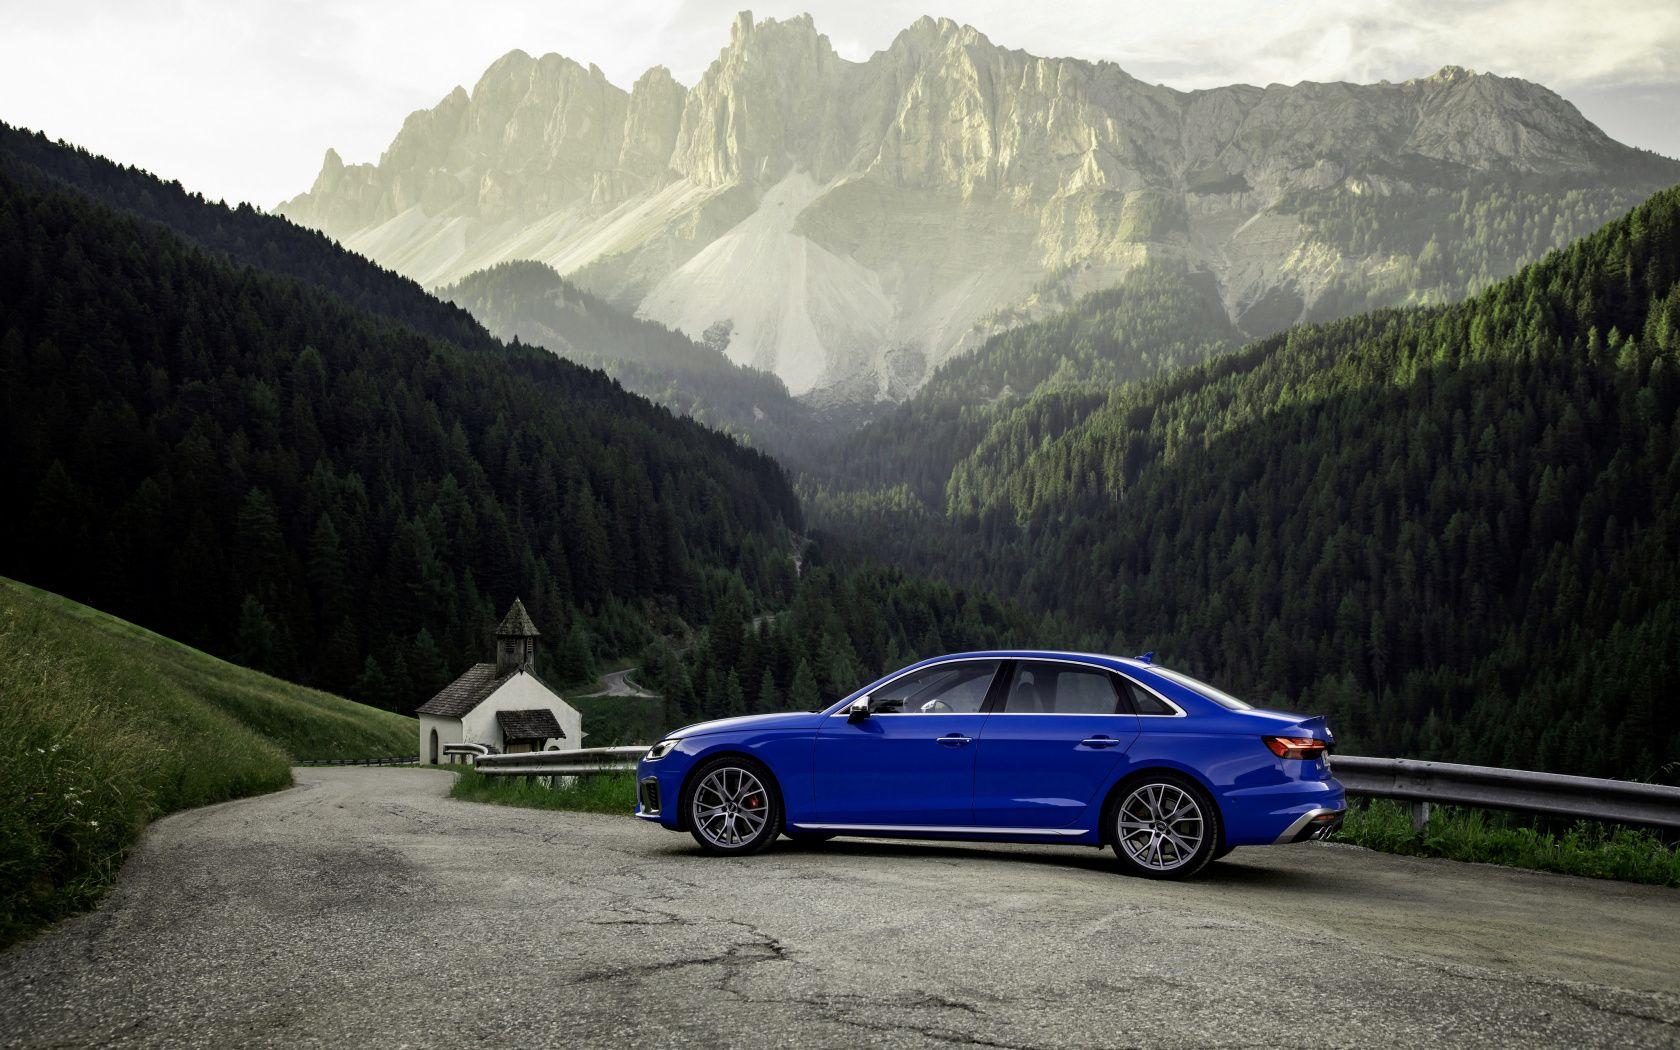 1680x1050 Blue Car Audi S4 Off Road Wallpaper Blue Car Audi S4 Offroad